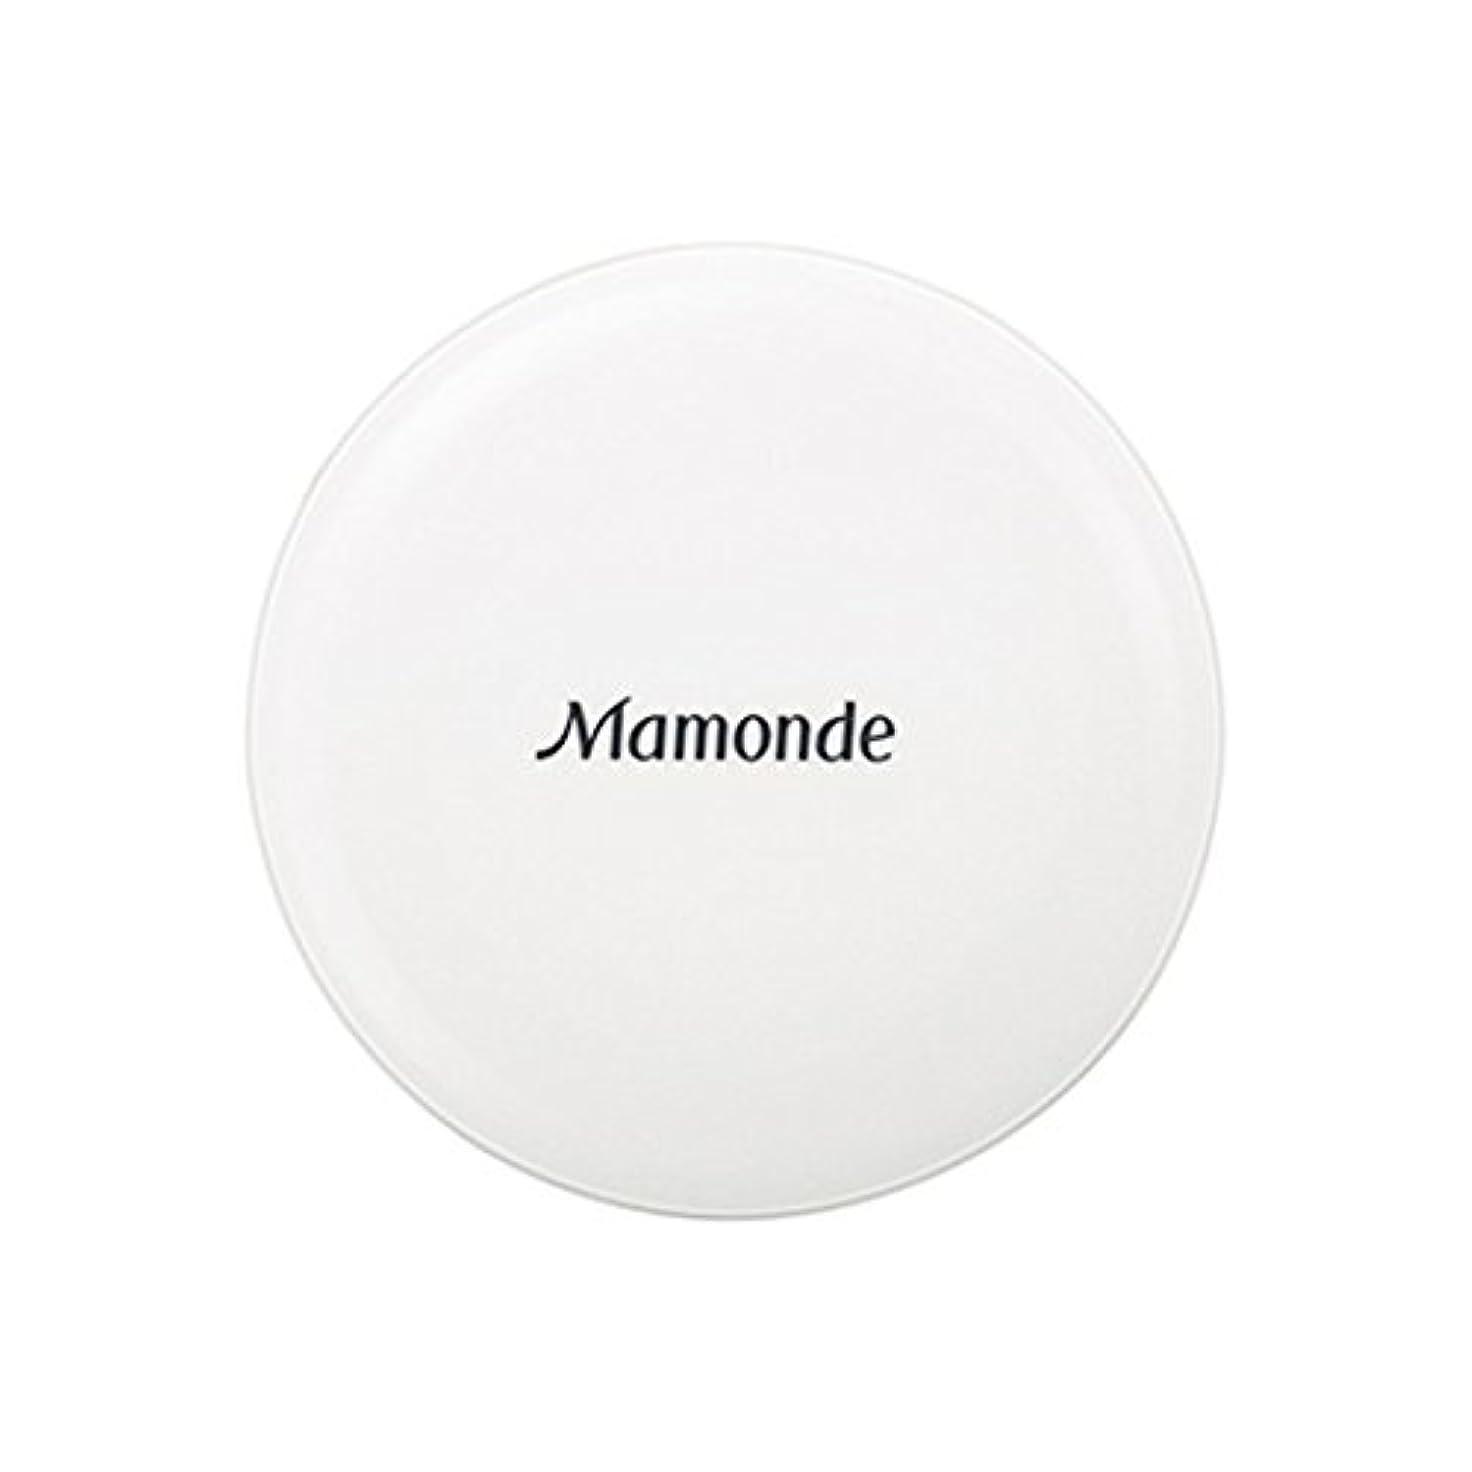 ワインビジョン素晴らしい良い多くの[New] Mamonde Cotton Veil Powder Pact 12g/マモンド コットン ベール パウダー パクト 12g [並行輸入品]